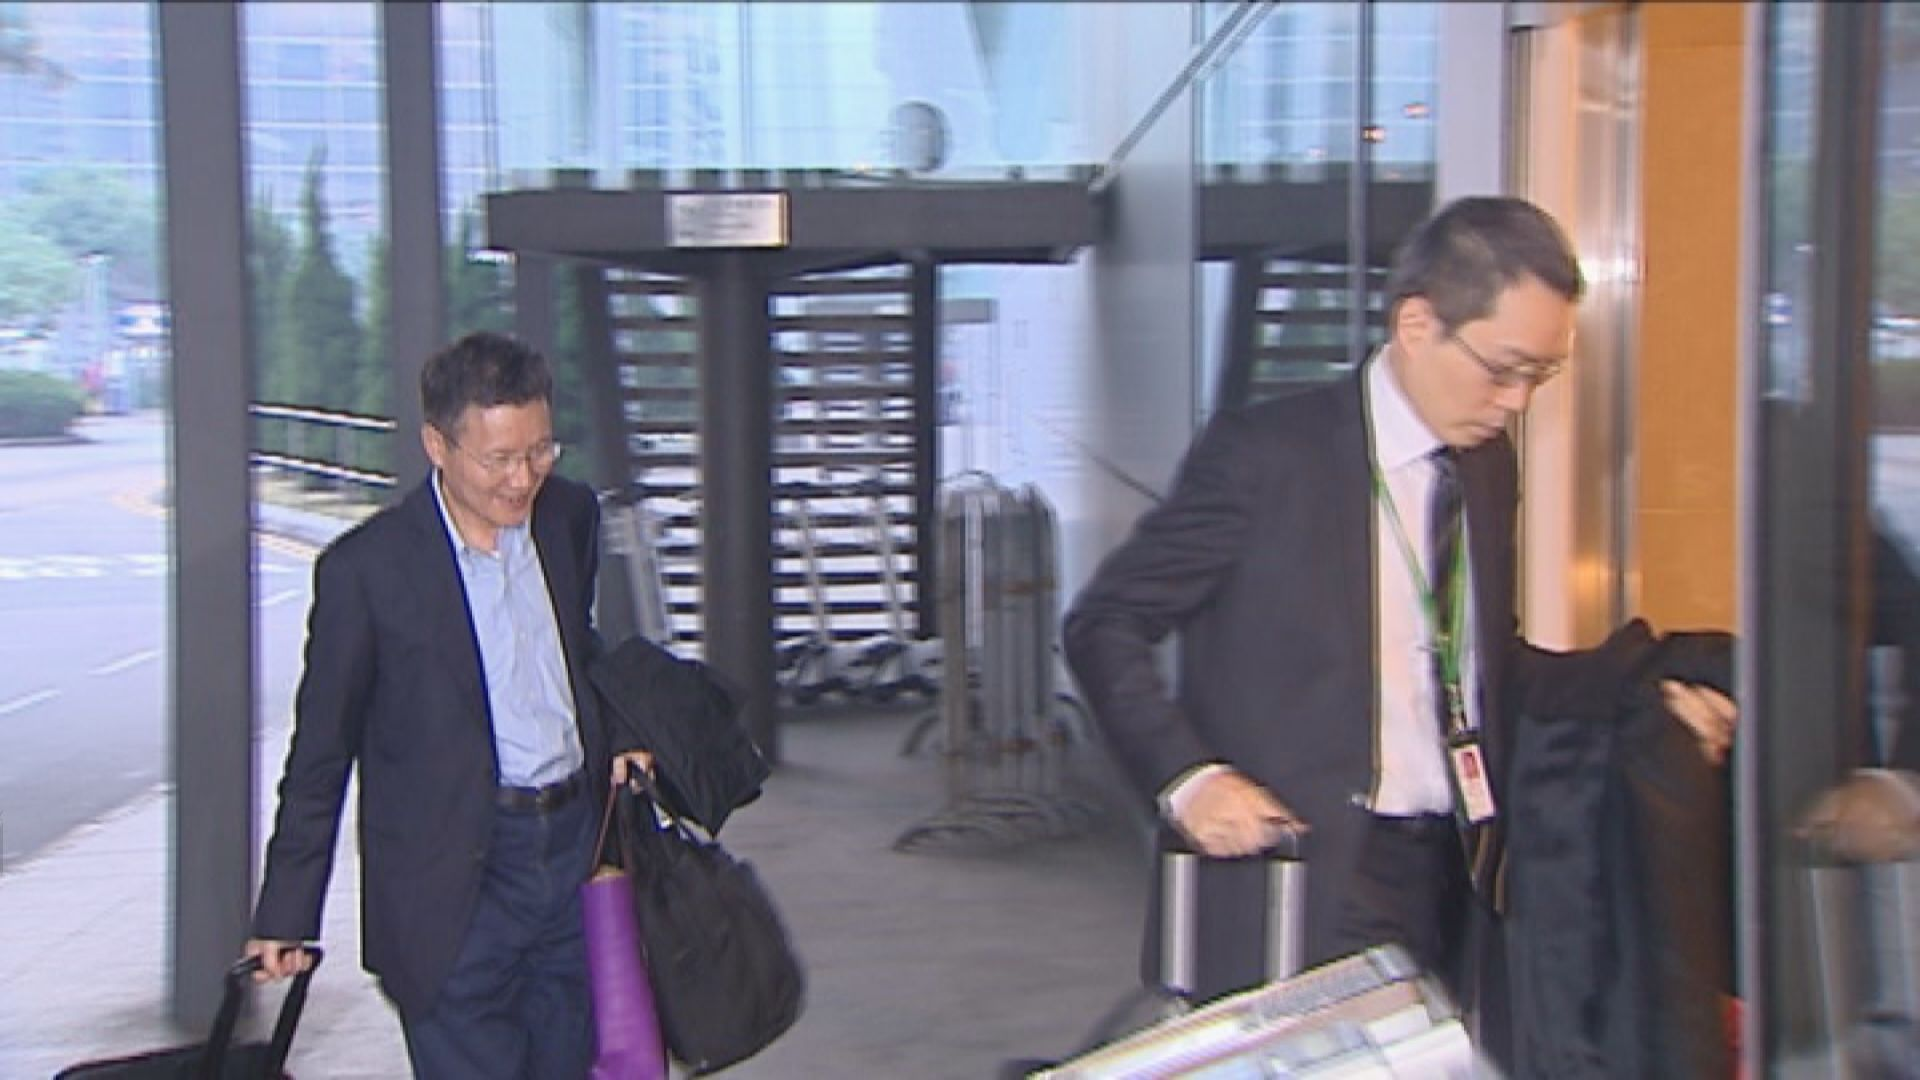 特首辦前助理陳建平下周轉職馬會 委員會指無利益衝突